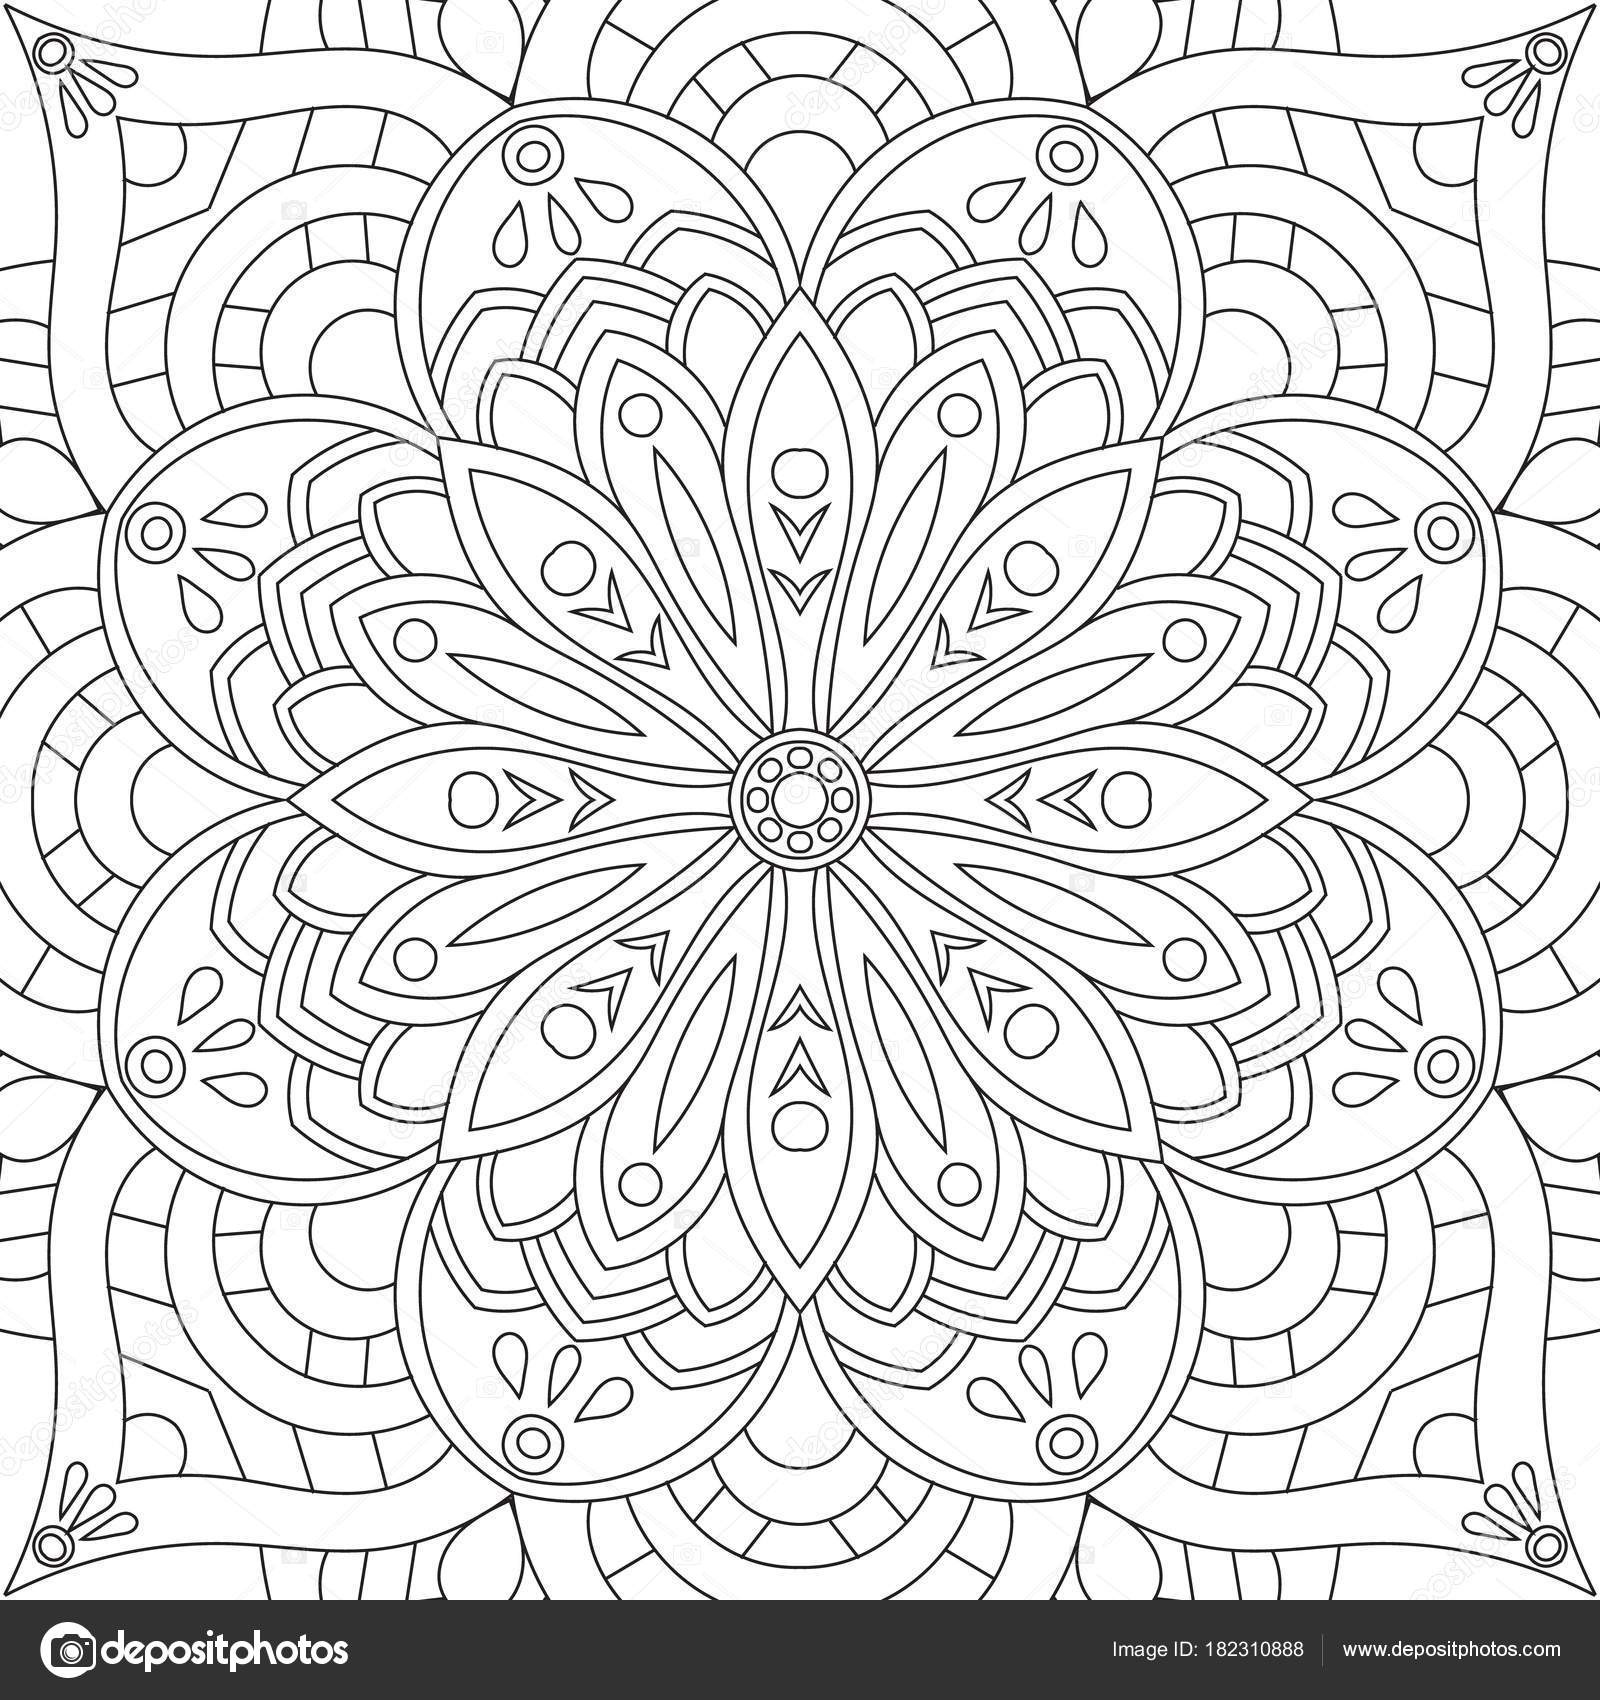 çiçek Dikdörtgen Mandala Yetişkinler Için Boyama Kitabı Sayfa